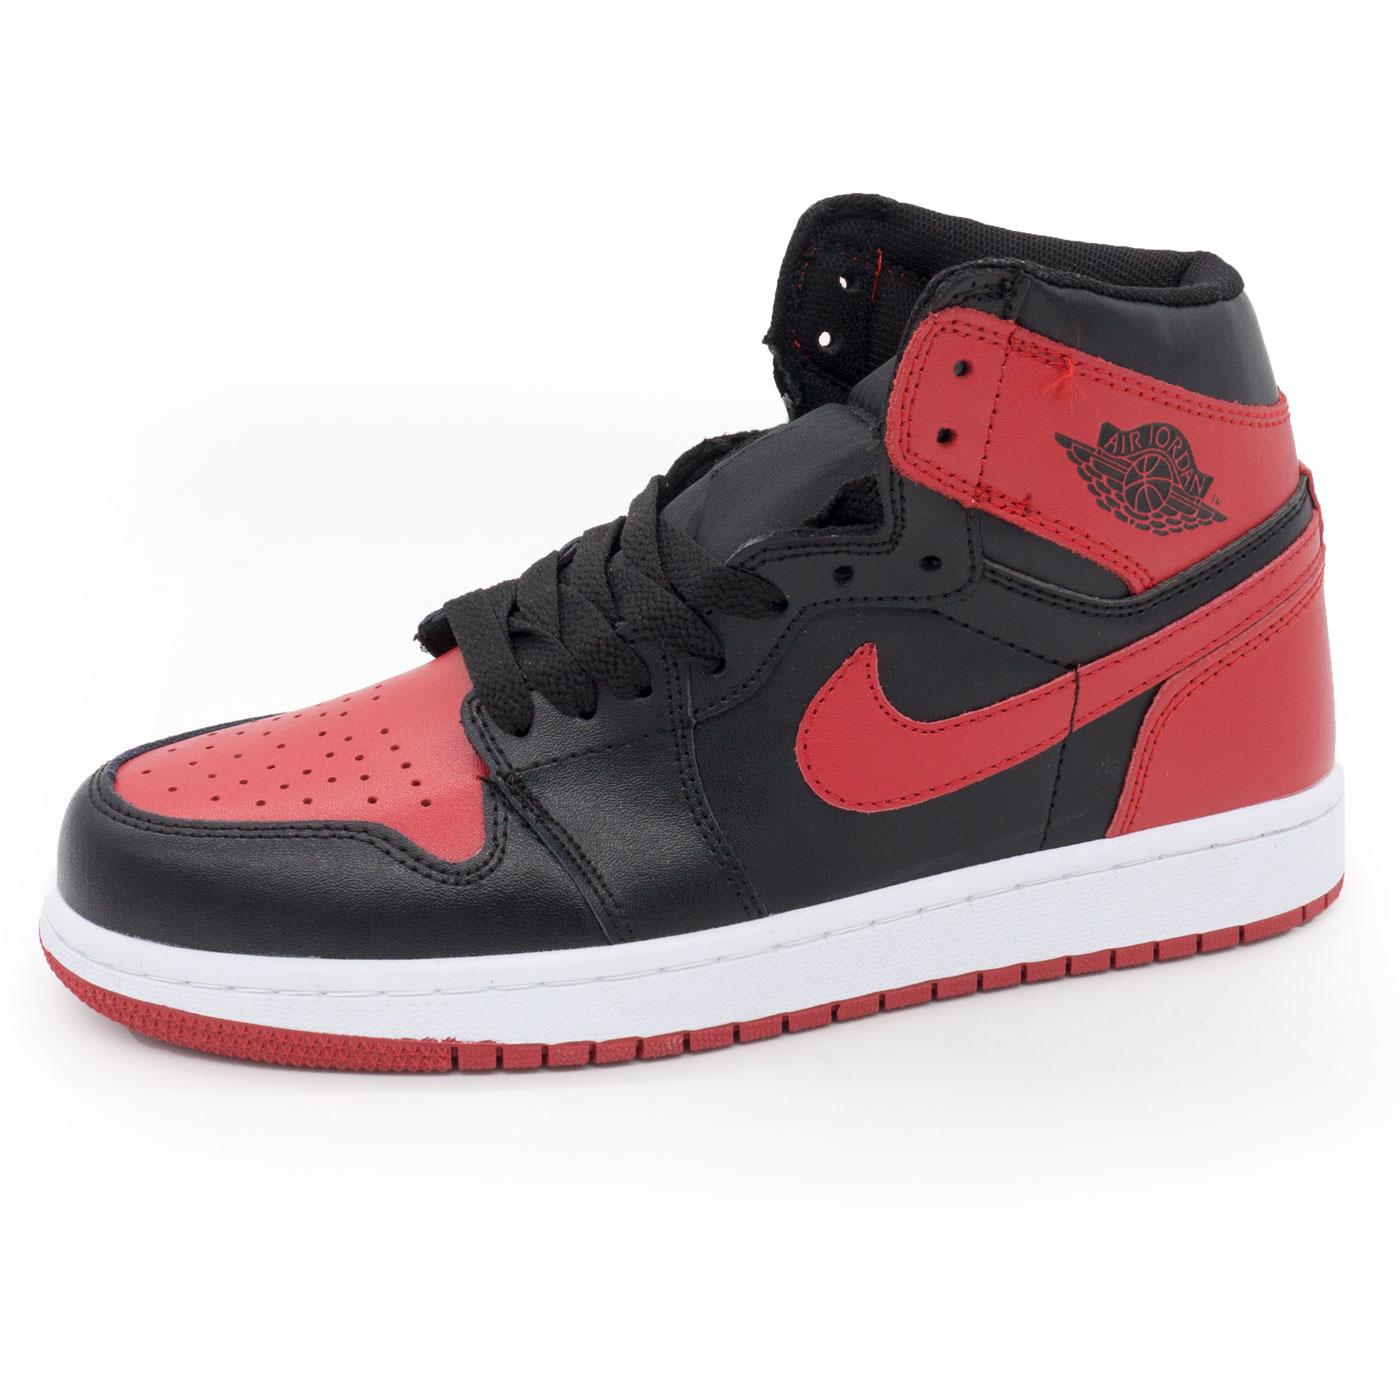 d3916b30da5d Высокие черные c красным кроссовки Nike Air Jordan 1 Retro High ...